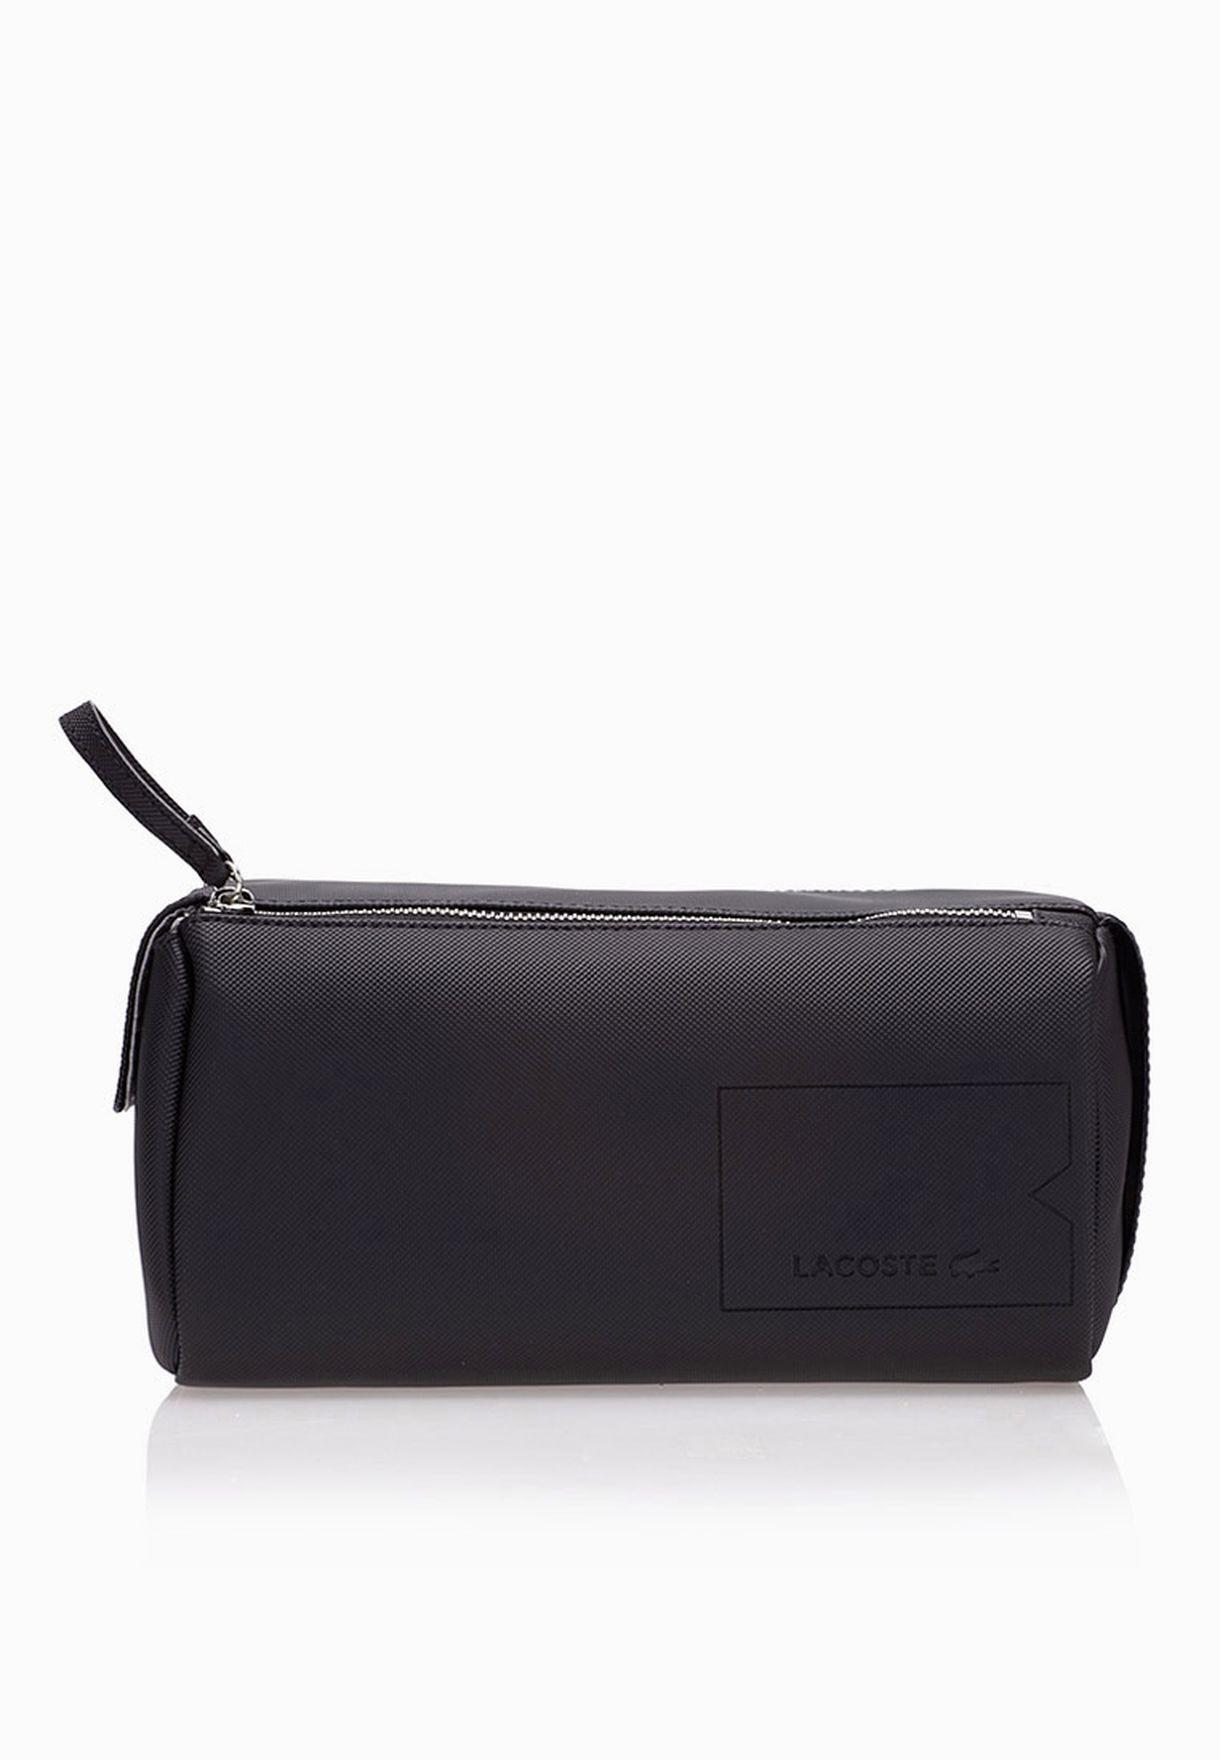 f73af921b8b2c تسوق حقيبة رجالية لحفظ الادوات ماركة لاكوست لون أسود NH1318HC-000 في ...